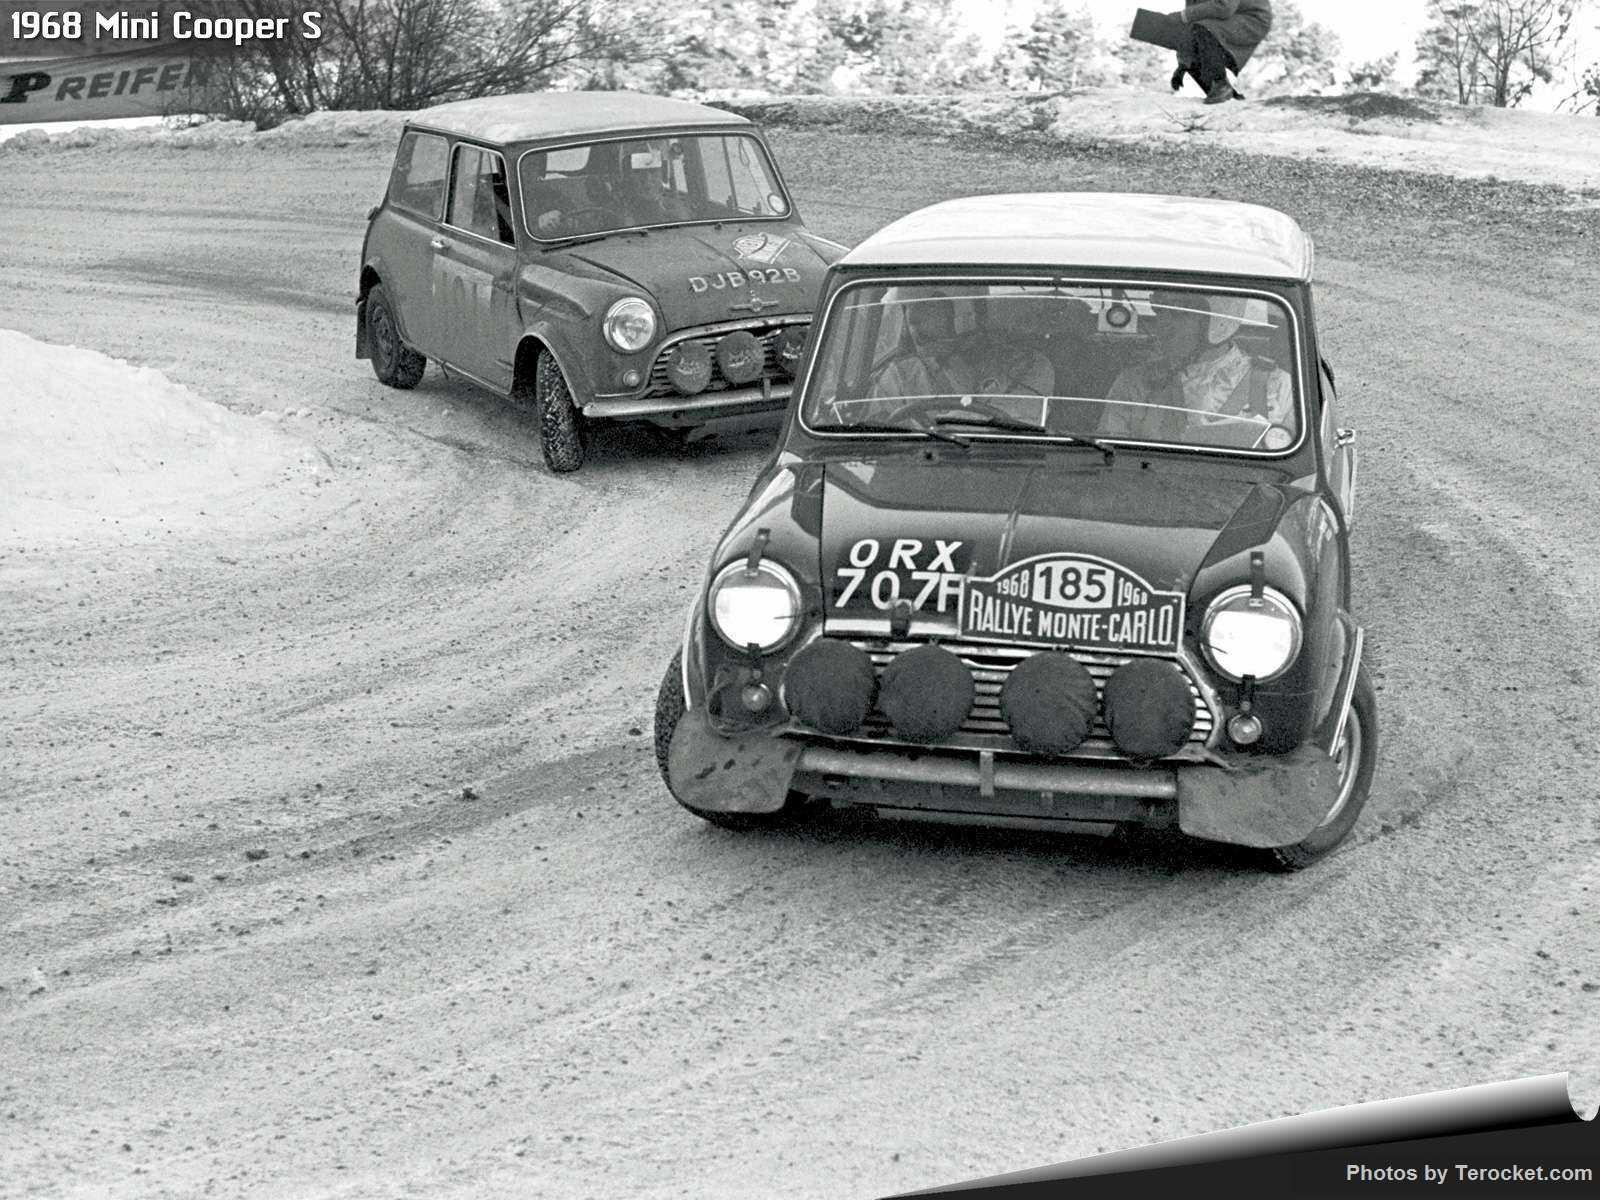 Hình ảnh xe ô tô Mini Cooper S 1968 & nội ngoại thất